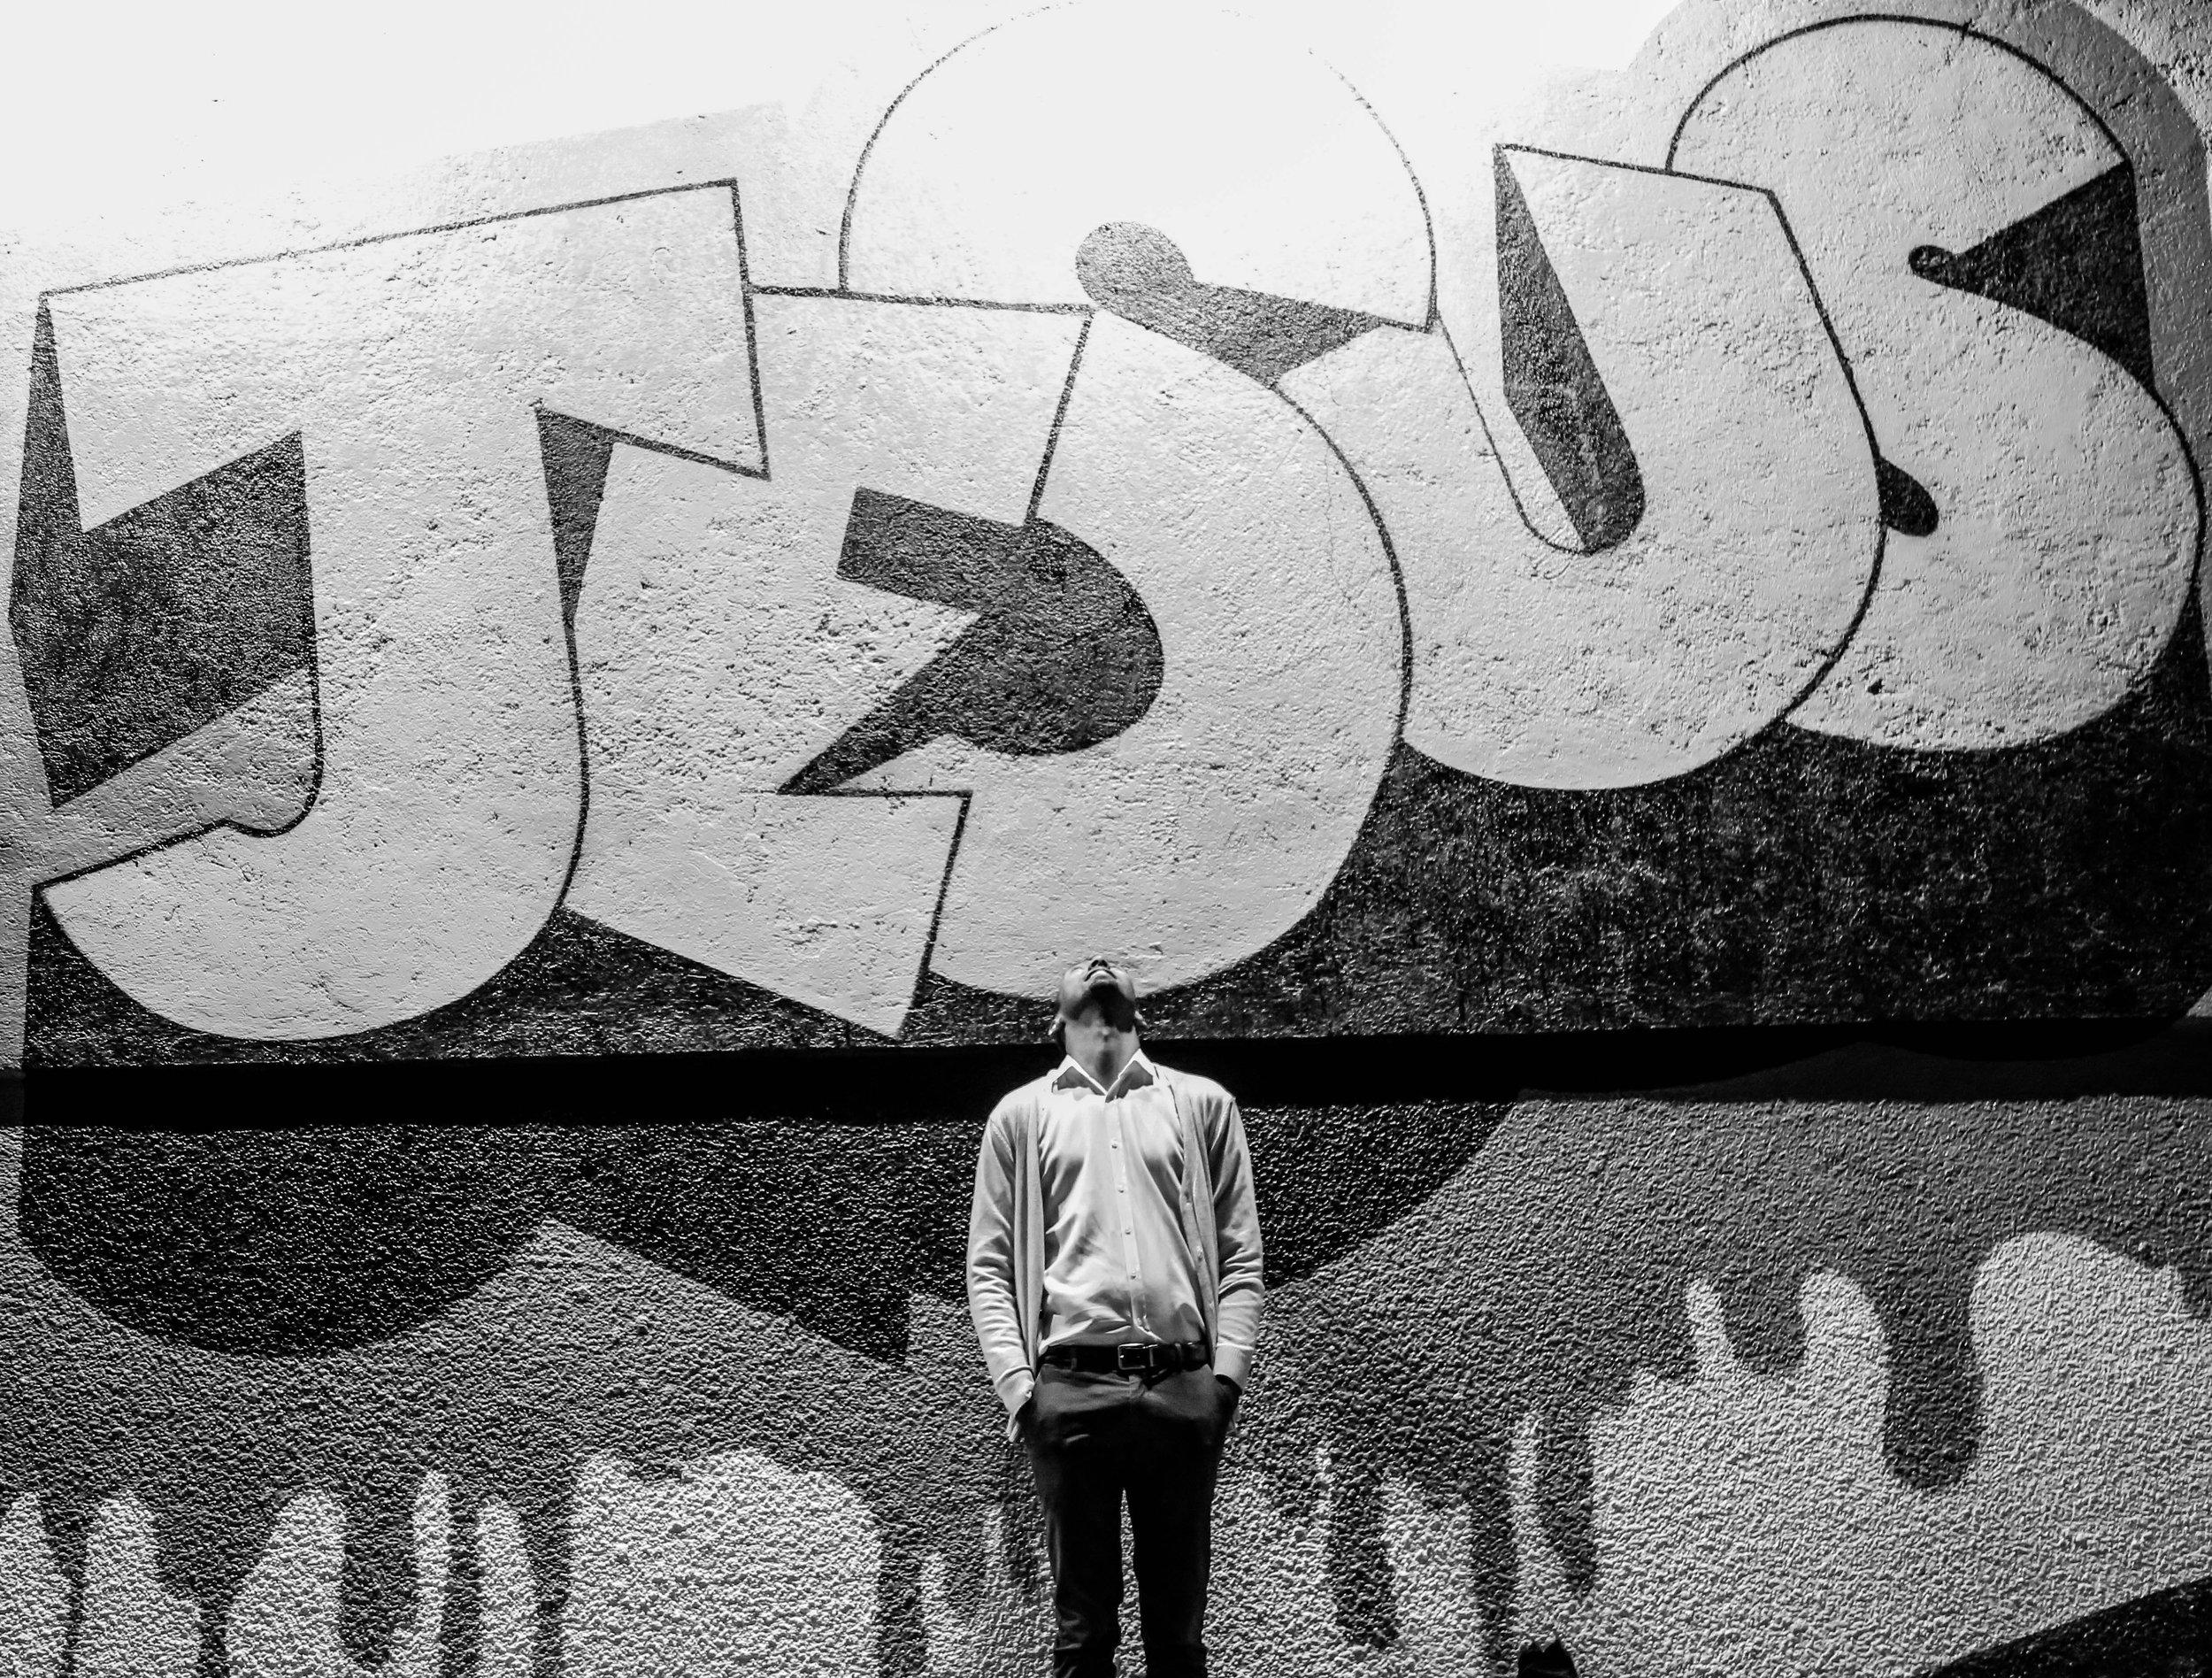 Young Man Looking Up at Jesus Graffiti